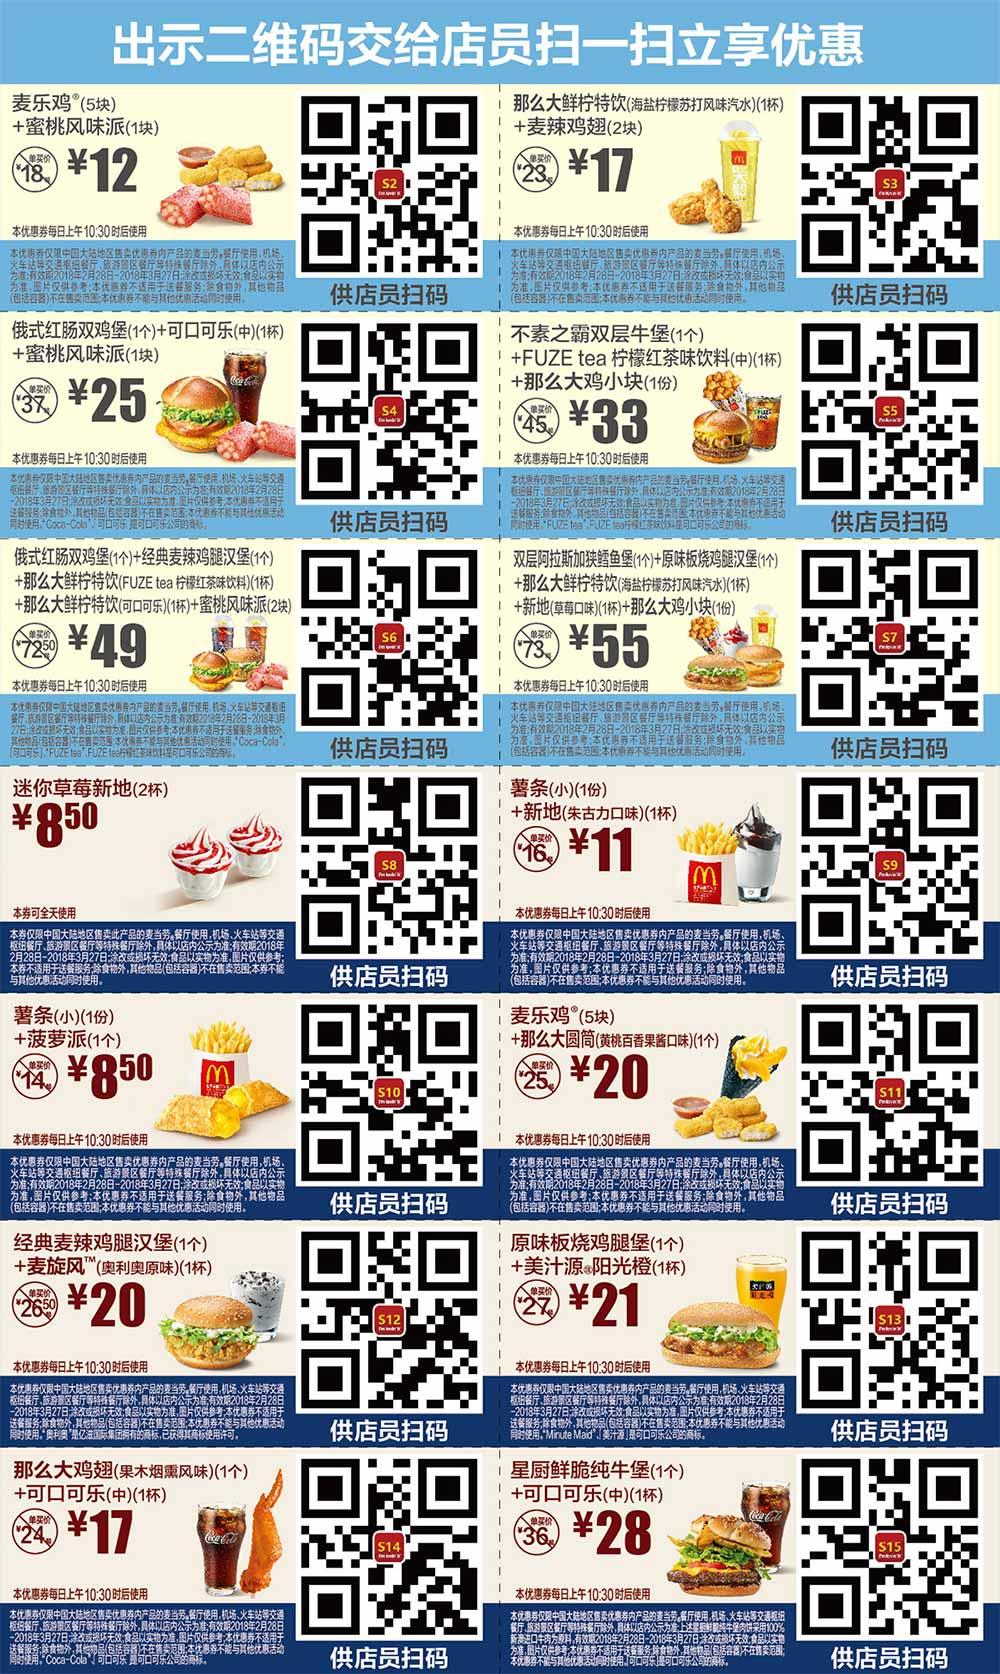 麦当劳优惠券2018年3月份手机版整张版本,点餐出示给店员扫码享优惠 有效期至:2018年3月27日 www.5ikfc.com